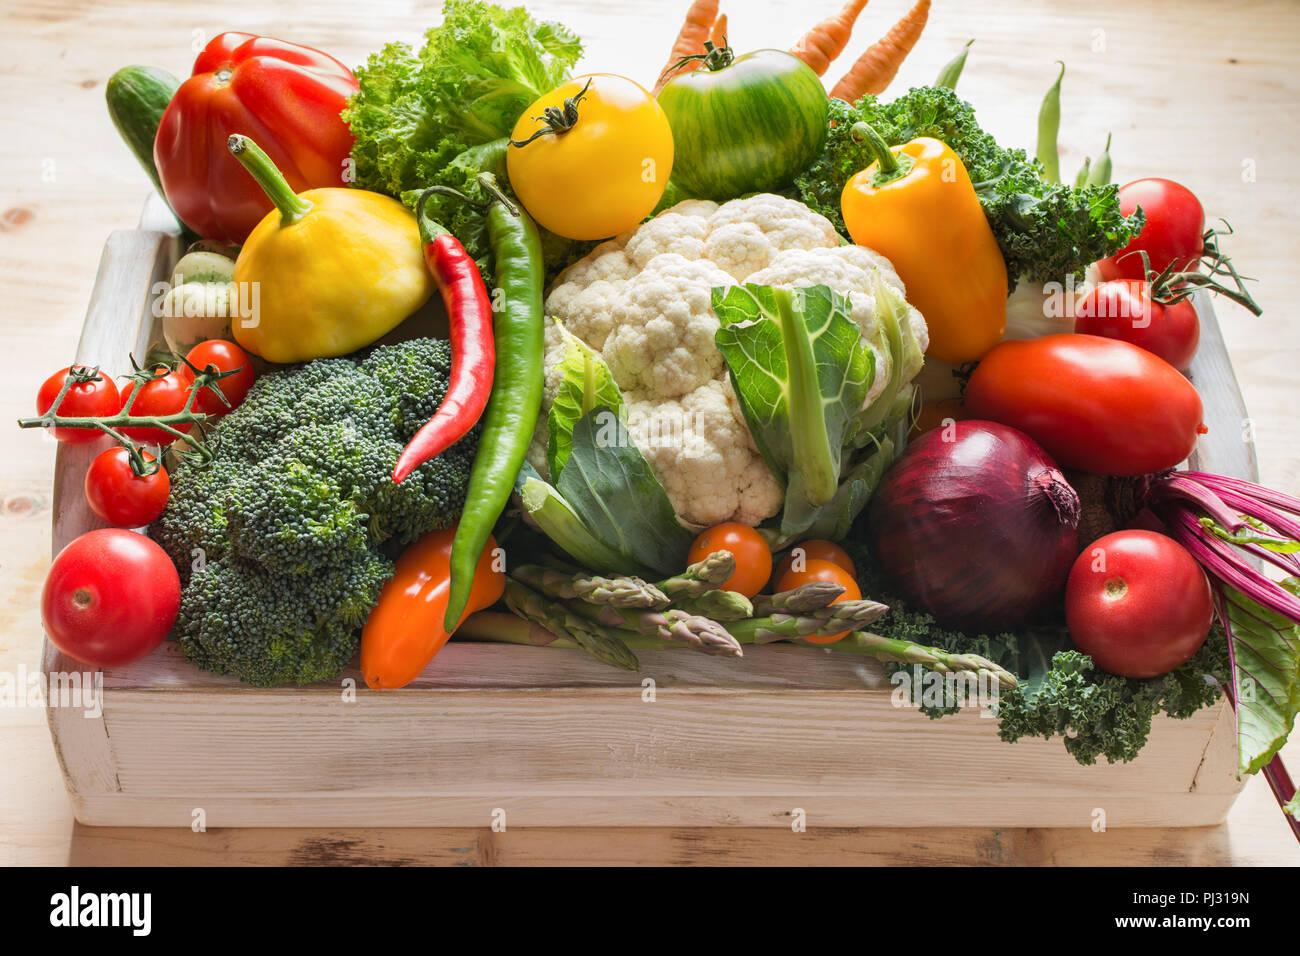 Produits frais bio légumes colorés dans un plateau blanc sur les maisons en bois et table, Close up, selective focus Photo Stock